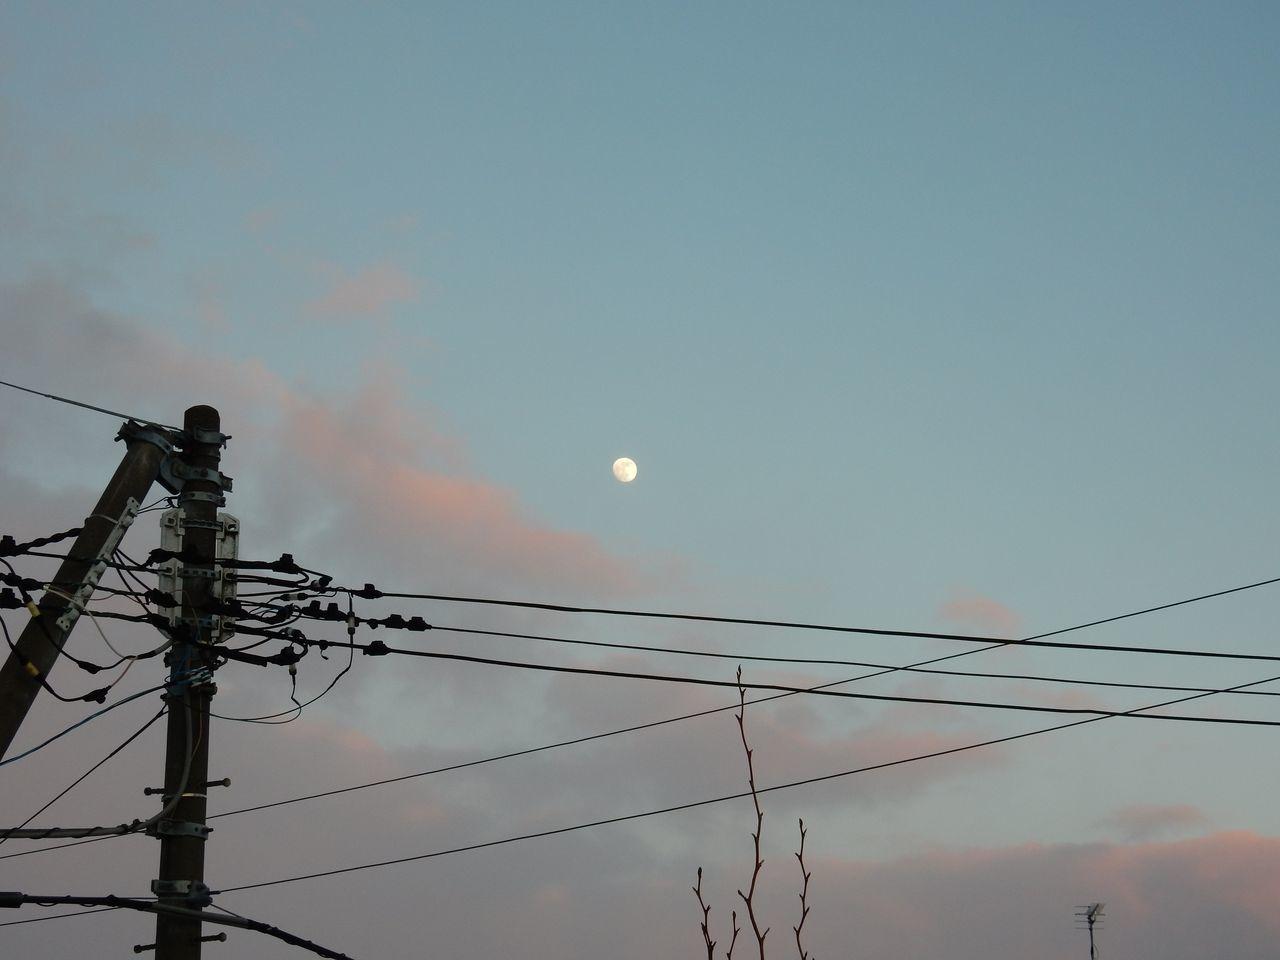 嵐の後は快晴でプラスの気温にもなった_c0025115_22453727.jpg